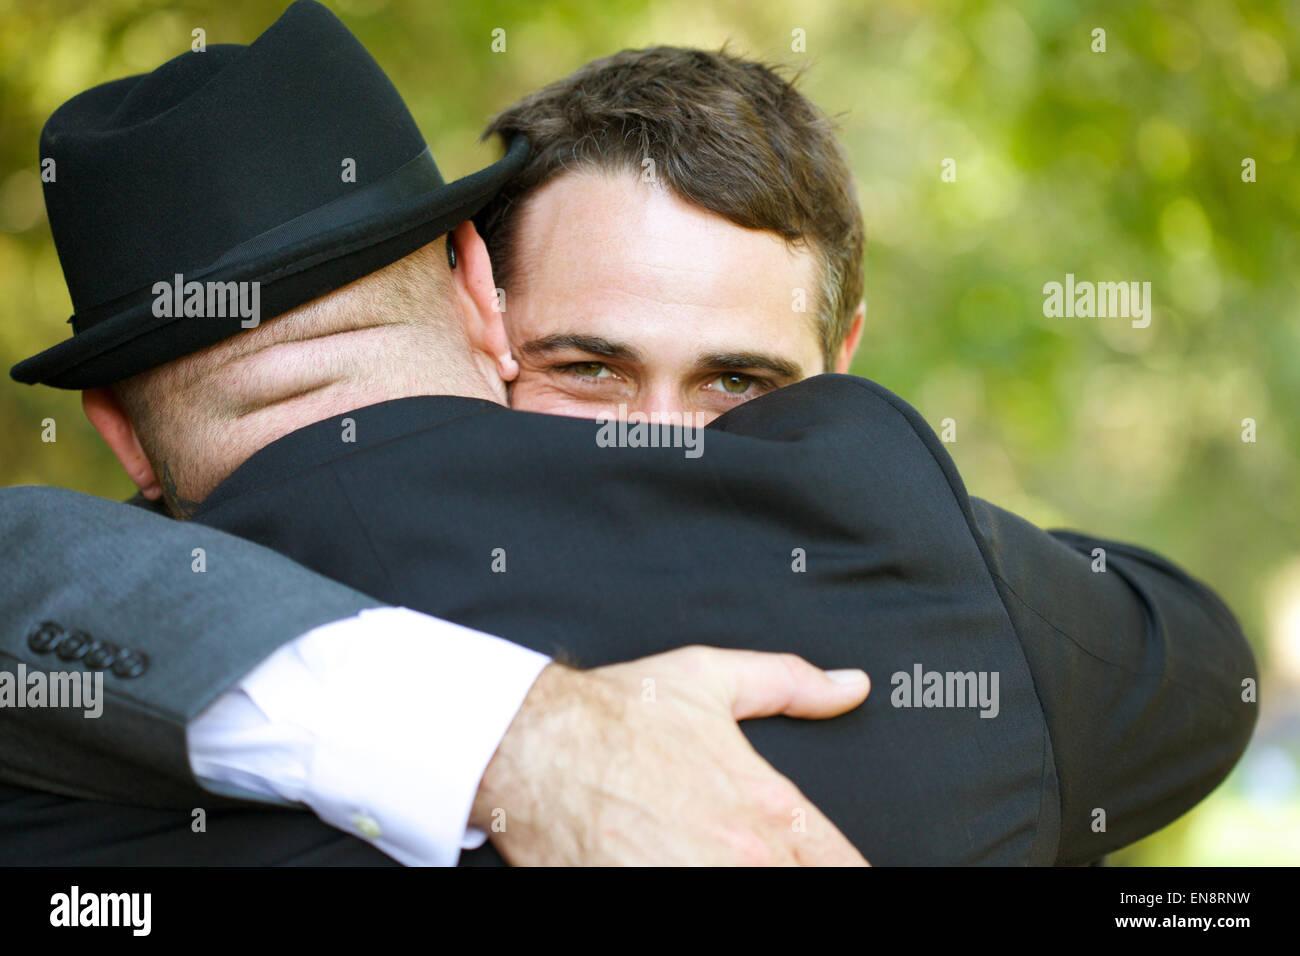 Dos hombres abrazando, la una en frente de la cámara hace contacto visual con el espectador. Imagen De Stock